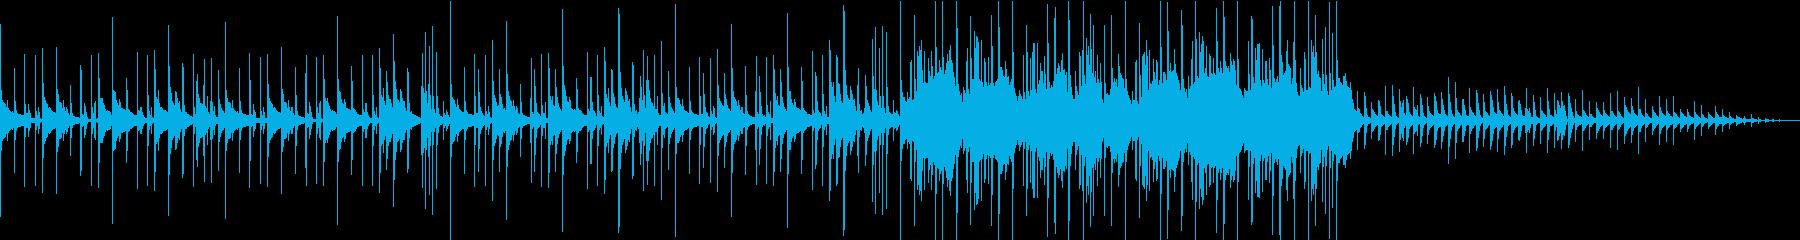 ほのぼのハッピーエンドな雰囲気の曲の再生済みの波形